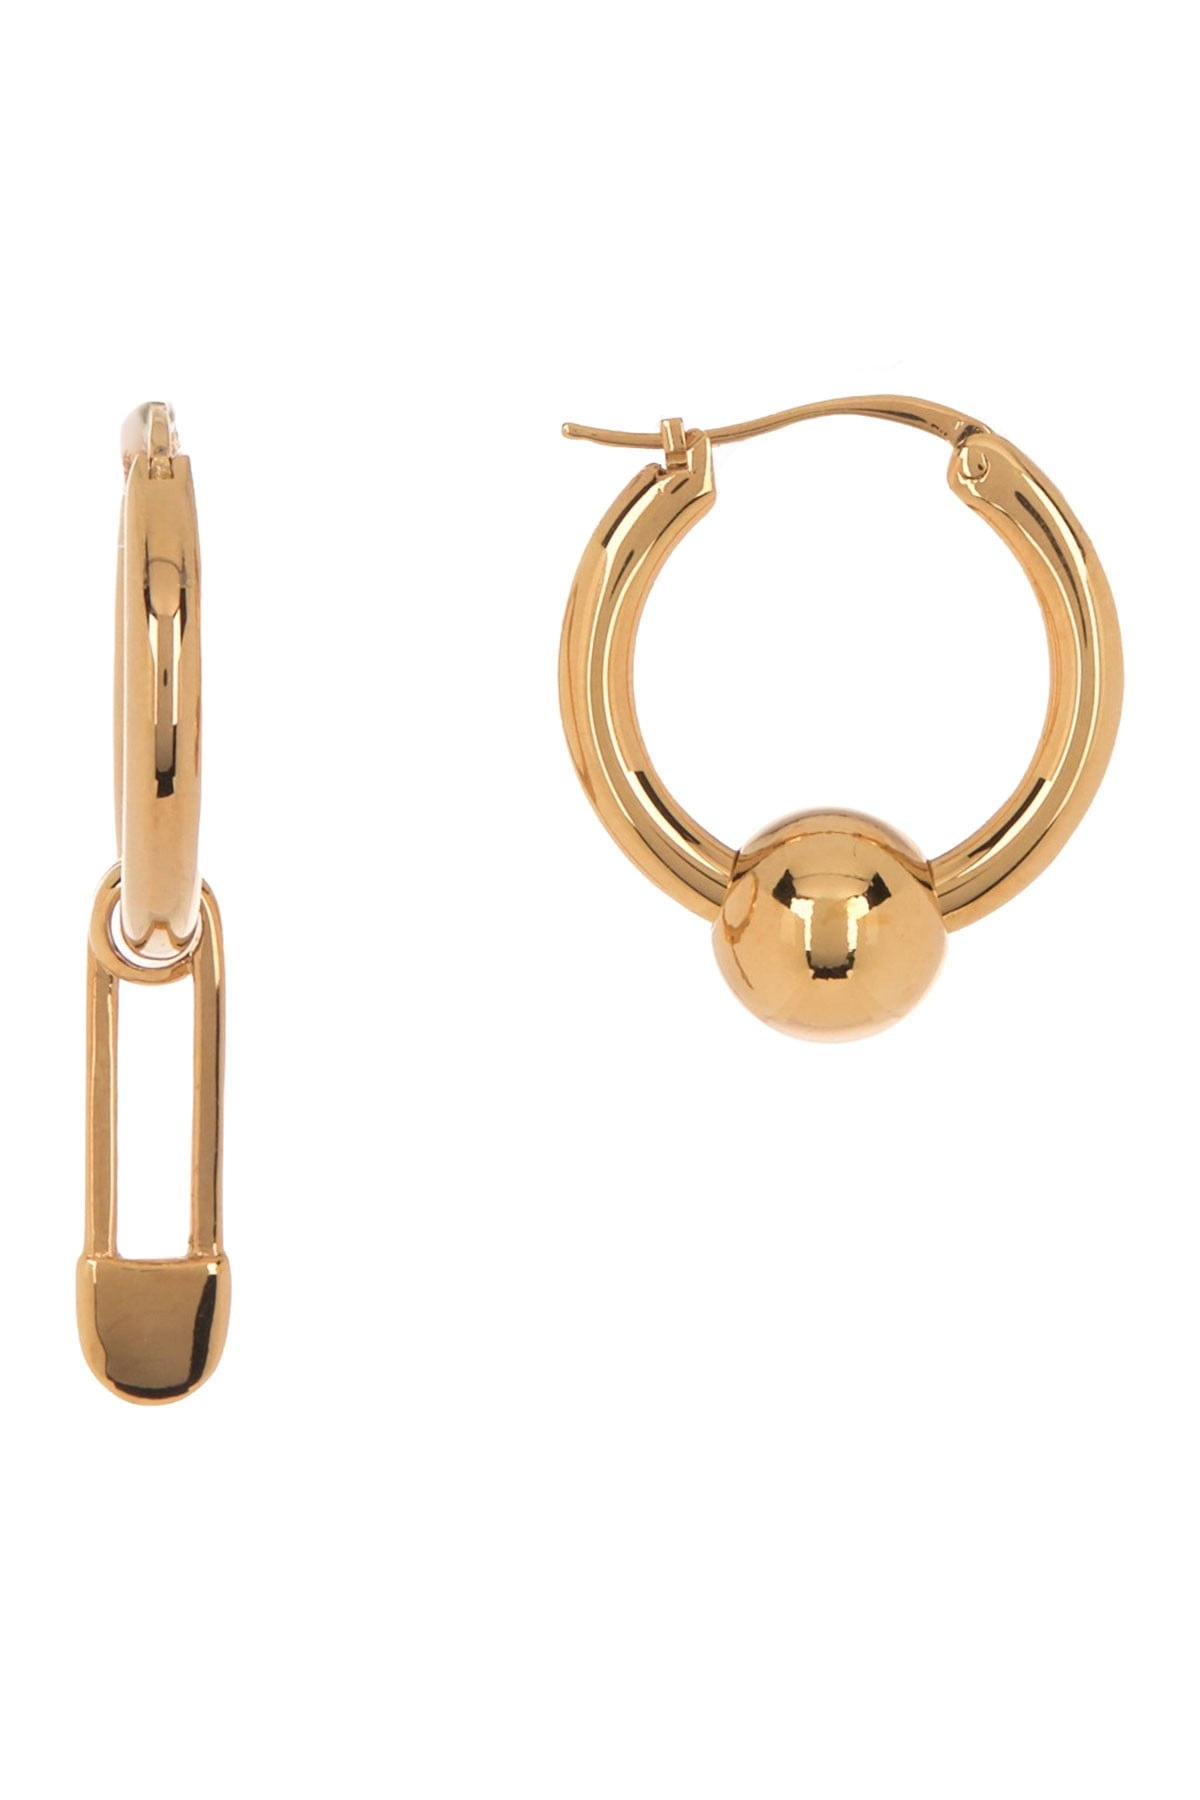 Burberry Ladies Mismatched Huggie Hoop Earrings In Gold